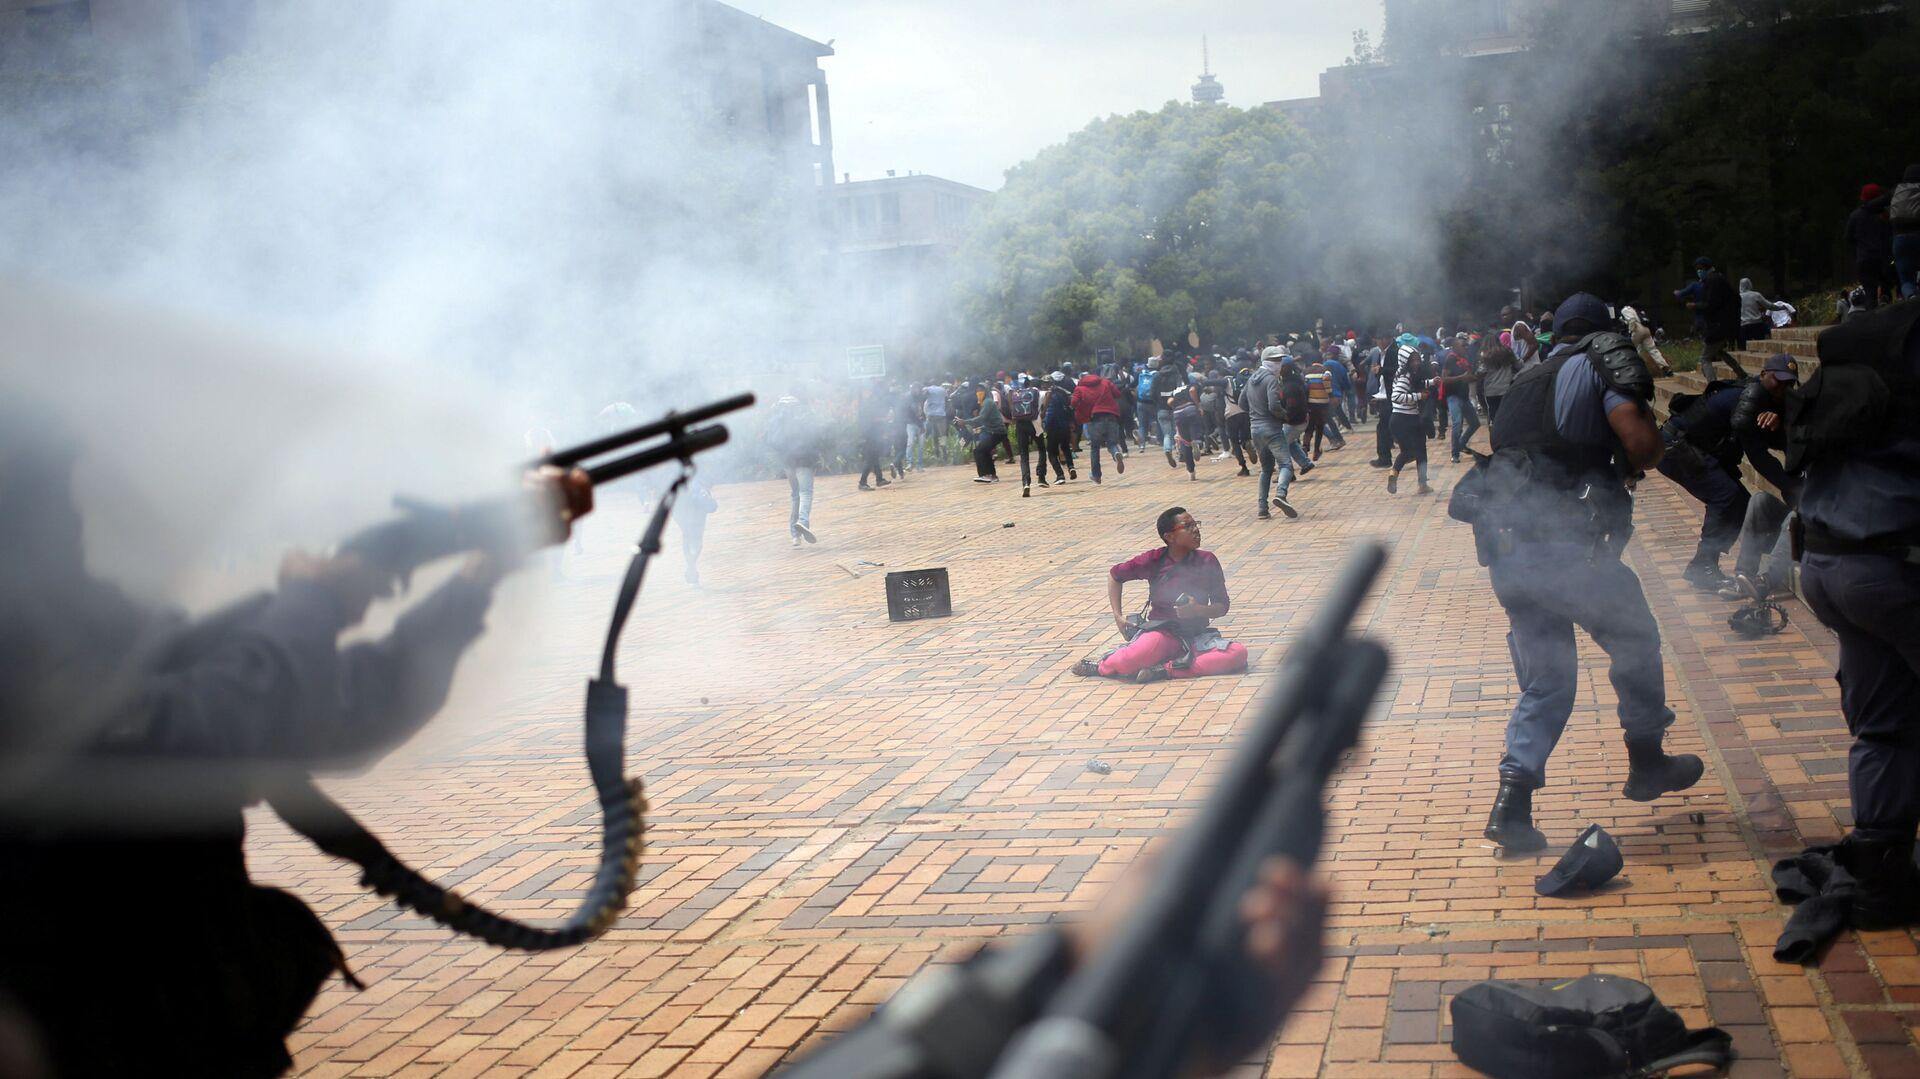 Gli scontri tra gli studenti e la polizia nell'Africa del Sud - Sputnik Italia, 1920, 14.07.2021